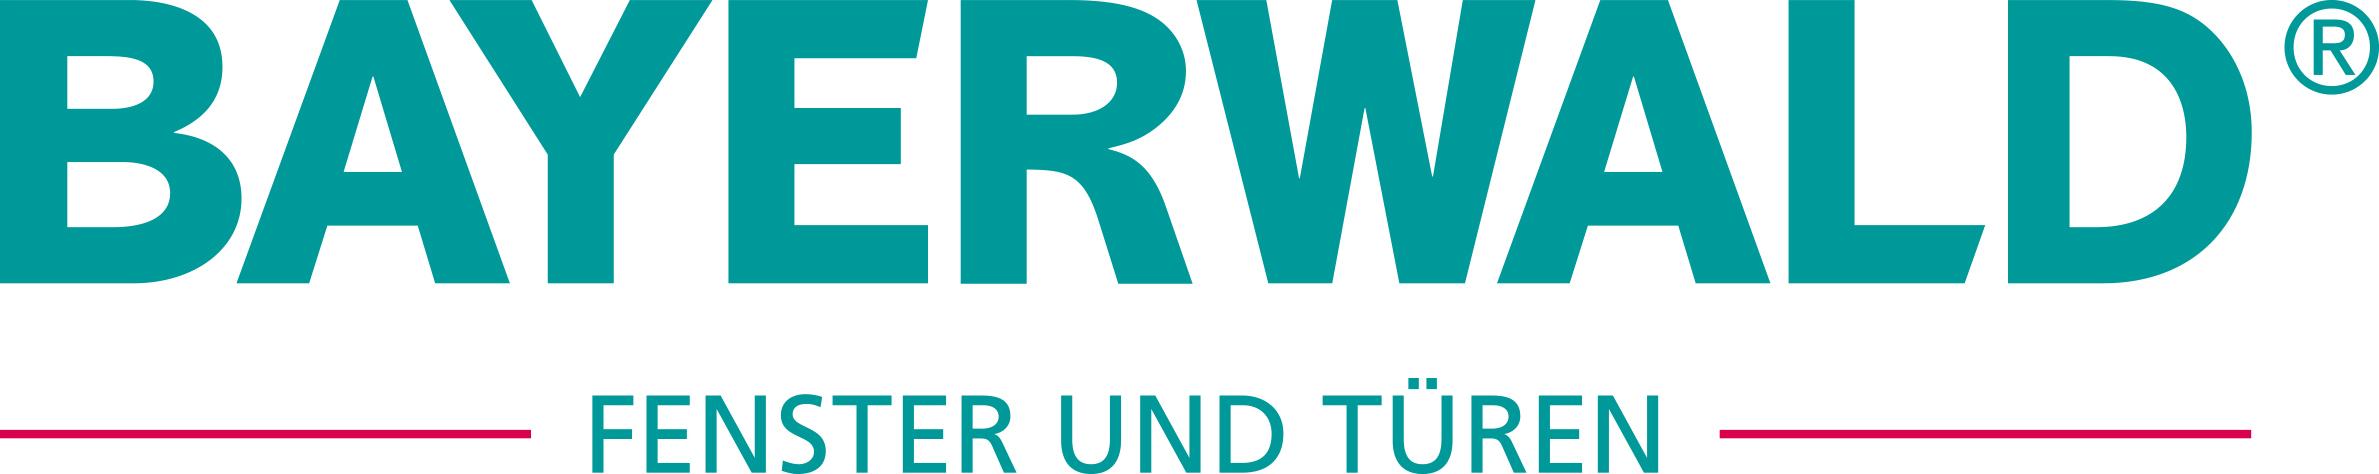 logo von bayerwald fenster t ren eps bayerwald fenster haust ren. Black Bedroom Furniture Sets. Home Design Ideas